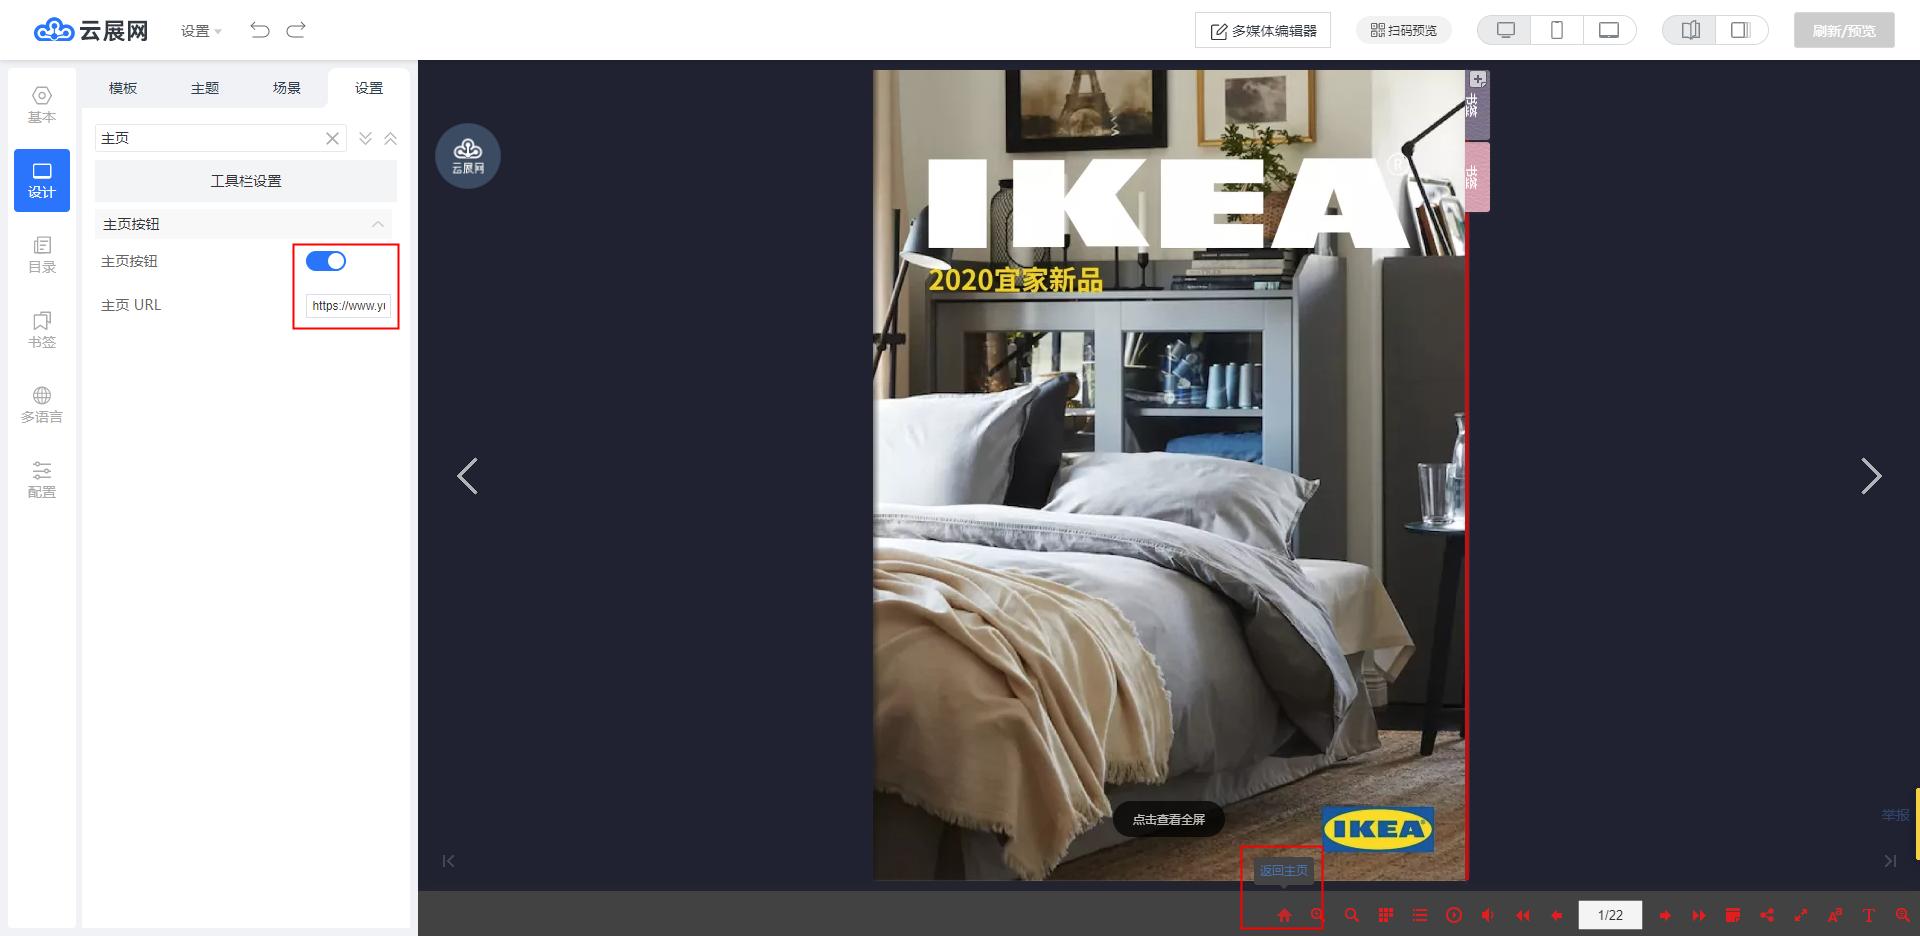 电子产品画册制作 编辑杂志工具栏的主页按钮